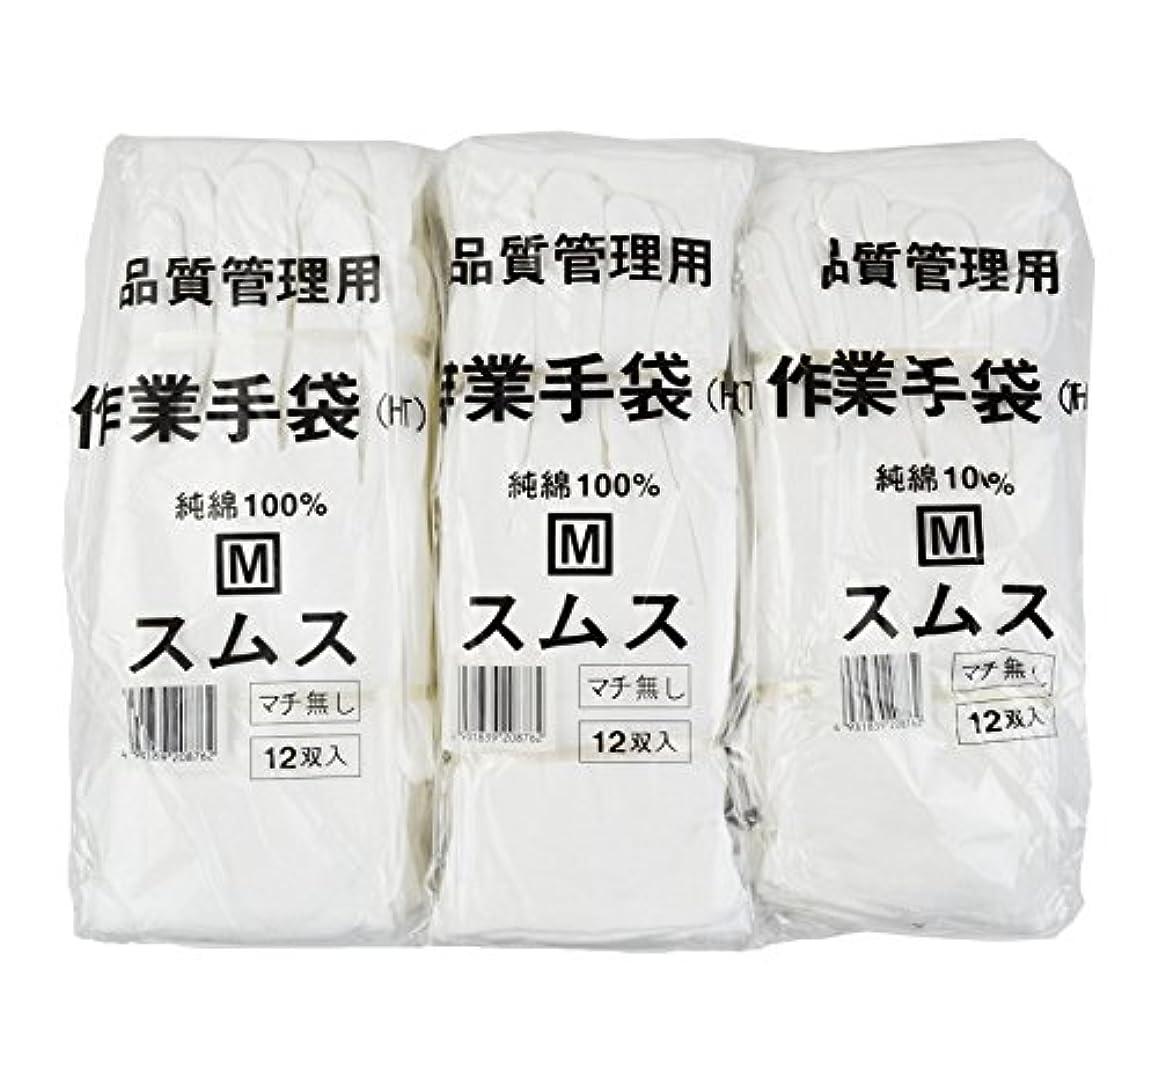 持続的撤退然とした【お得なセット売り】 (36双) 純綿100% スムス 手袋 Mサイズ 12双×3袋セット 多用途 作業手袋 101116